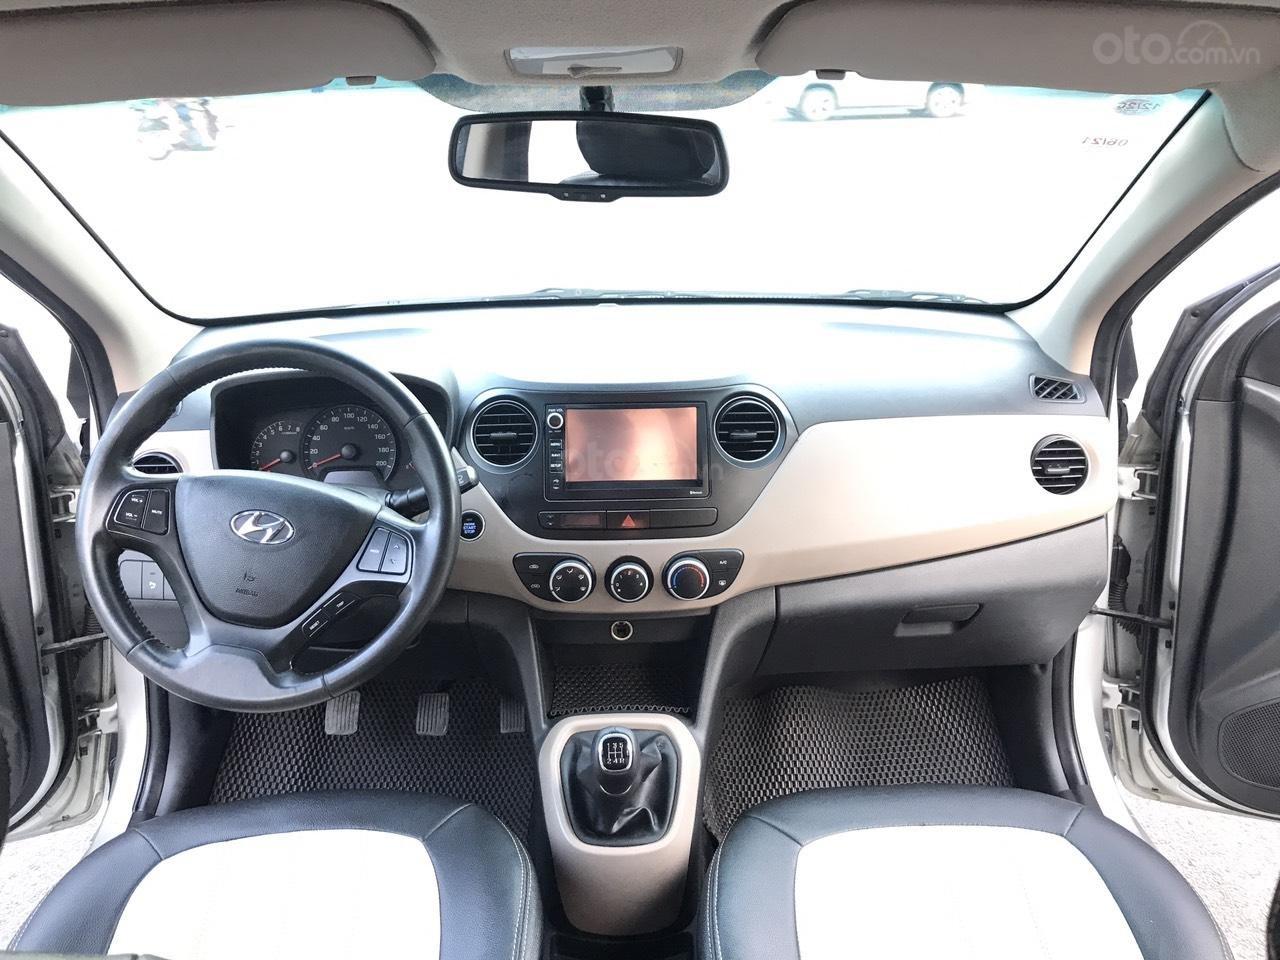 Hyundai Grand i10 1.2 Sport 2016, màu bạc, nhập khẩu, 1 chủ từ mới, bản full kịch đồ, xe quá chất lượng (5)